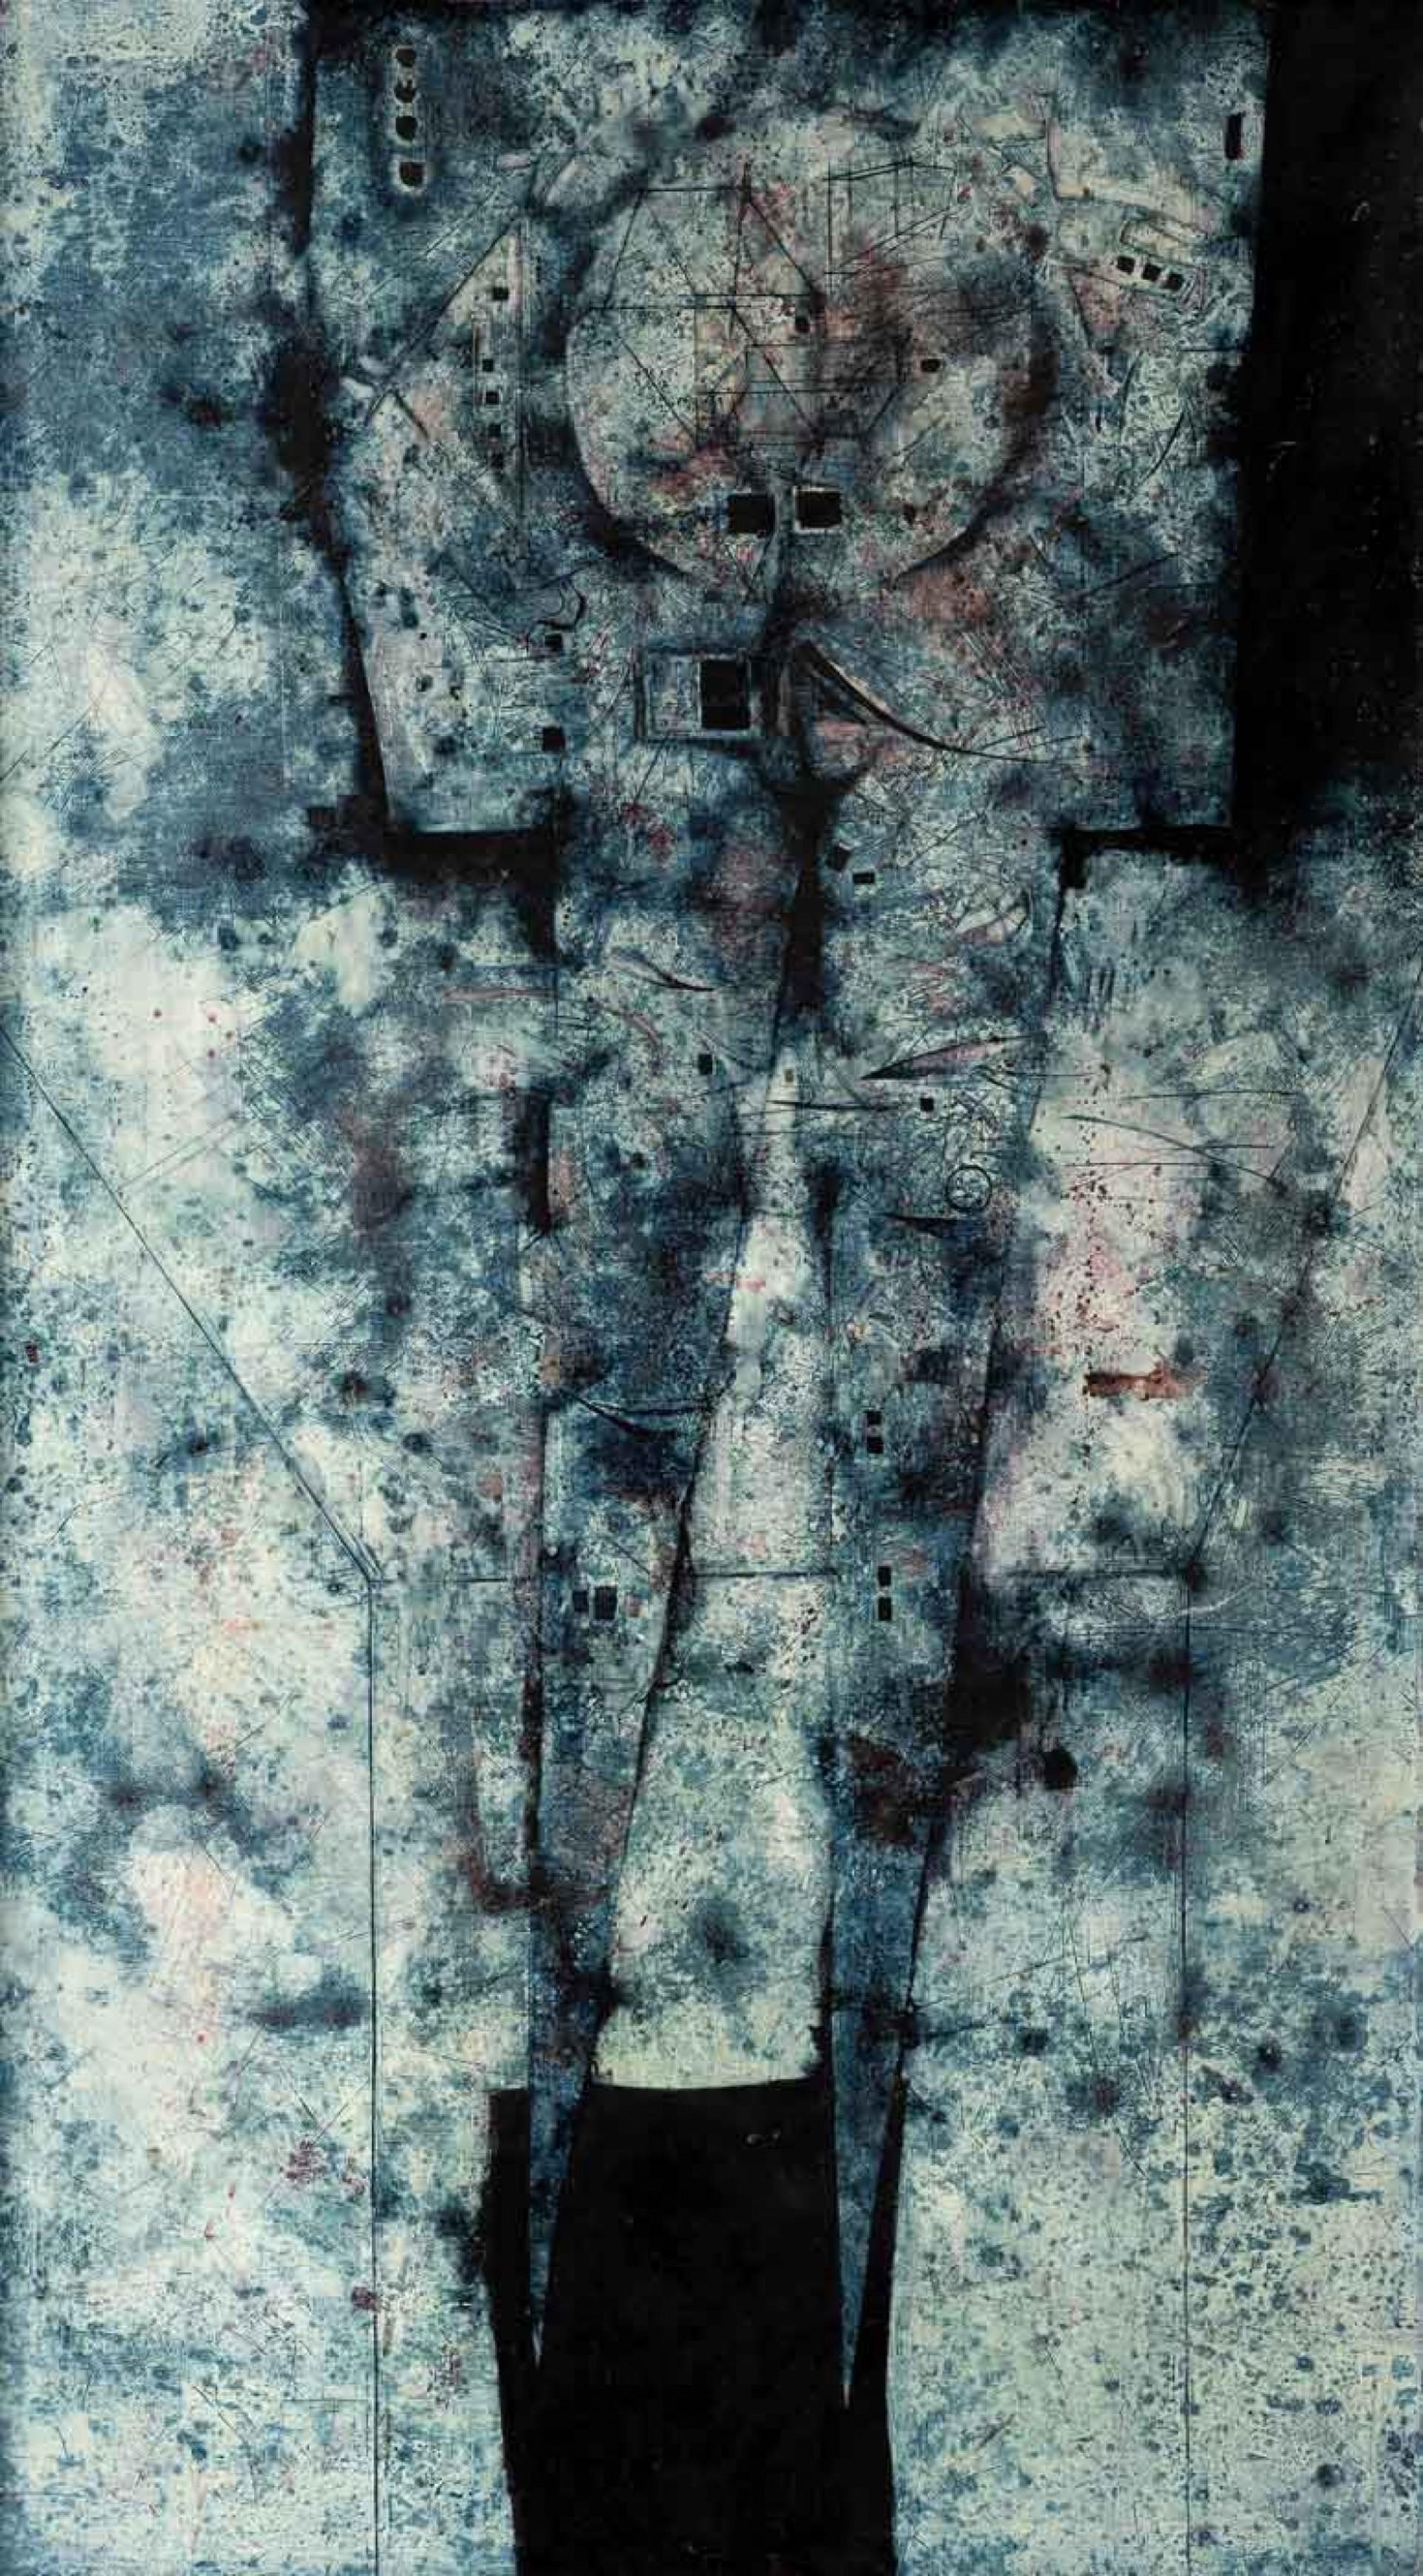 Mikuláš Medek: Příliš mnoho alkoholu II (Vodka), 1965, olej a email na plátně, 149 x 85 cm, cena: 10 800 000 Kč, Galerie Kodl, 1.12. 2019